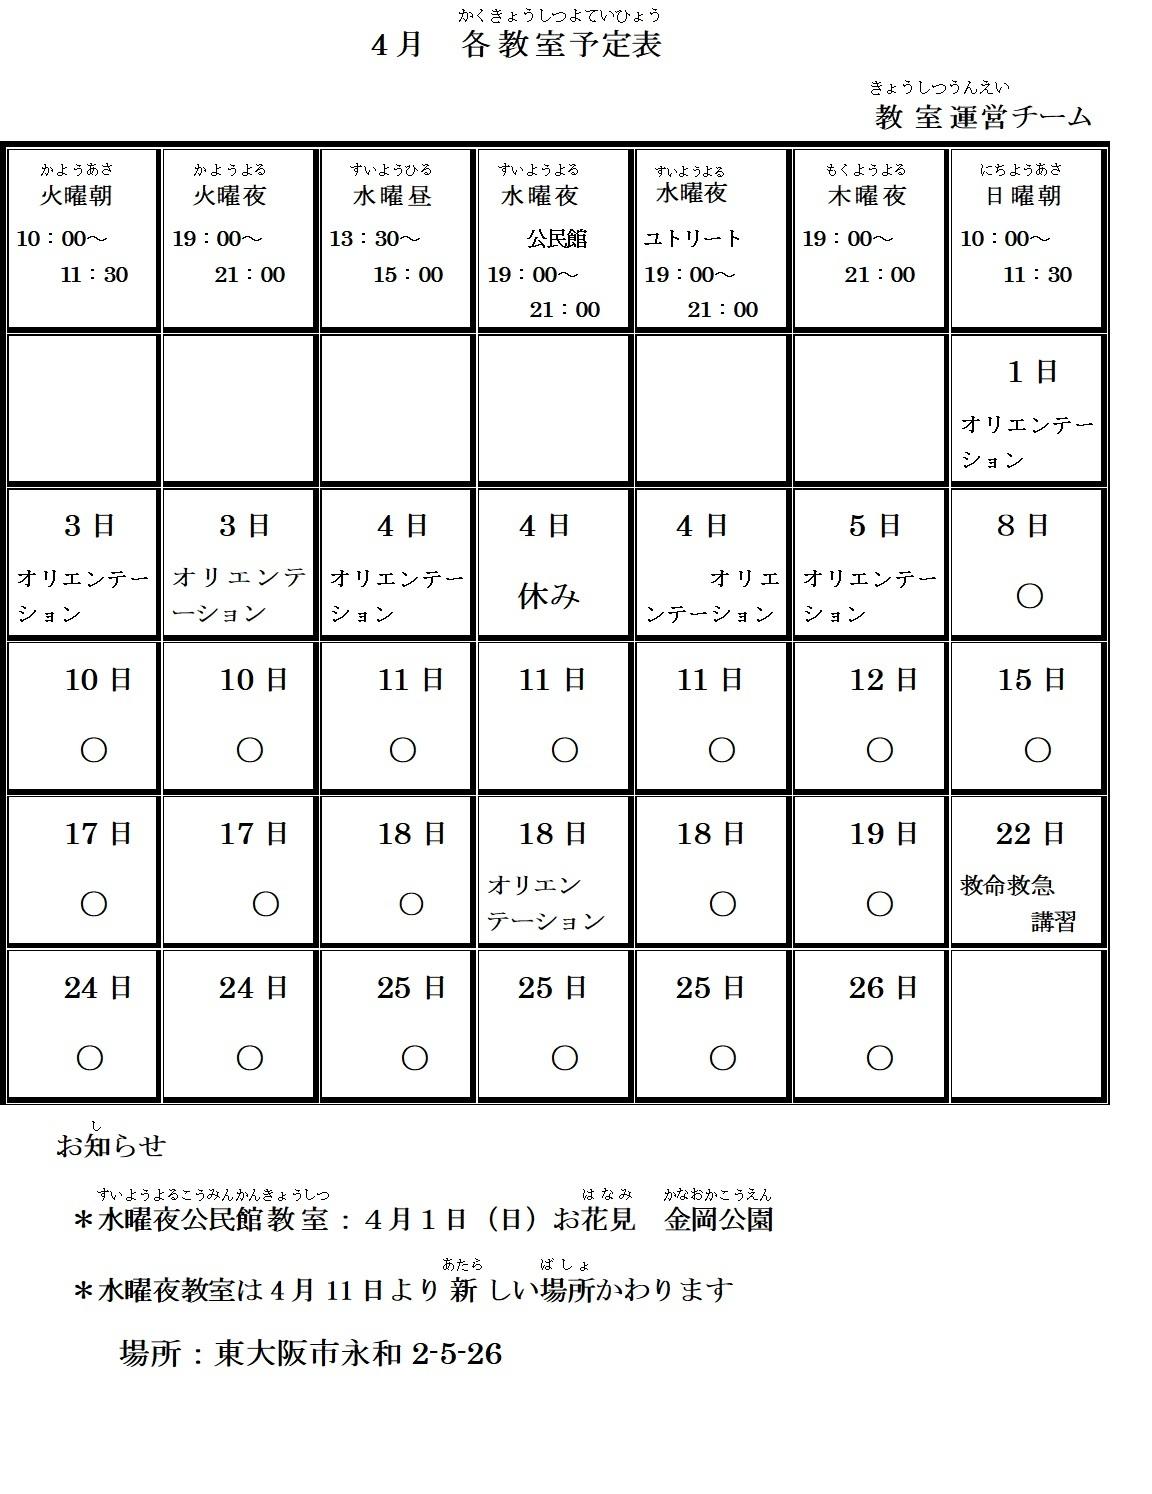 4月の7教室予定表_e0175020_12185950.jpg